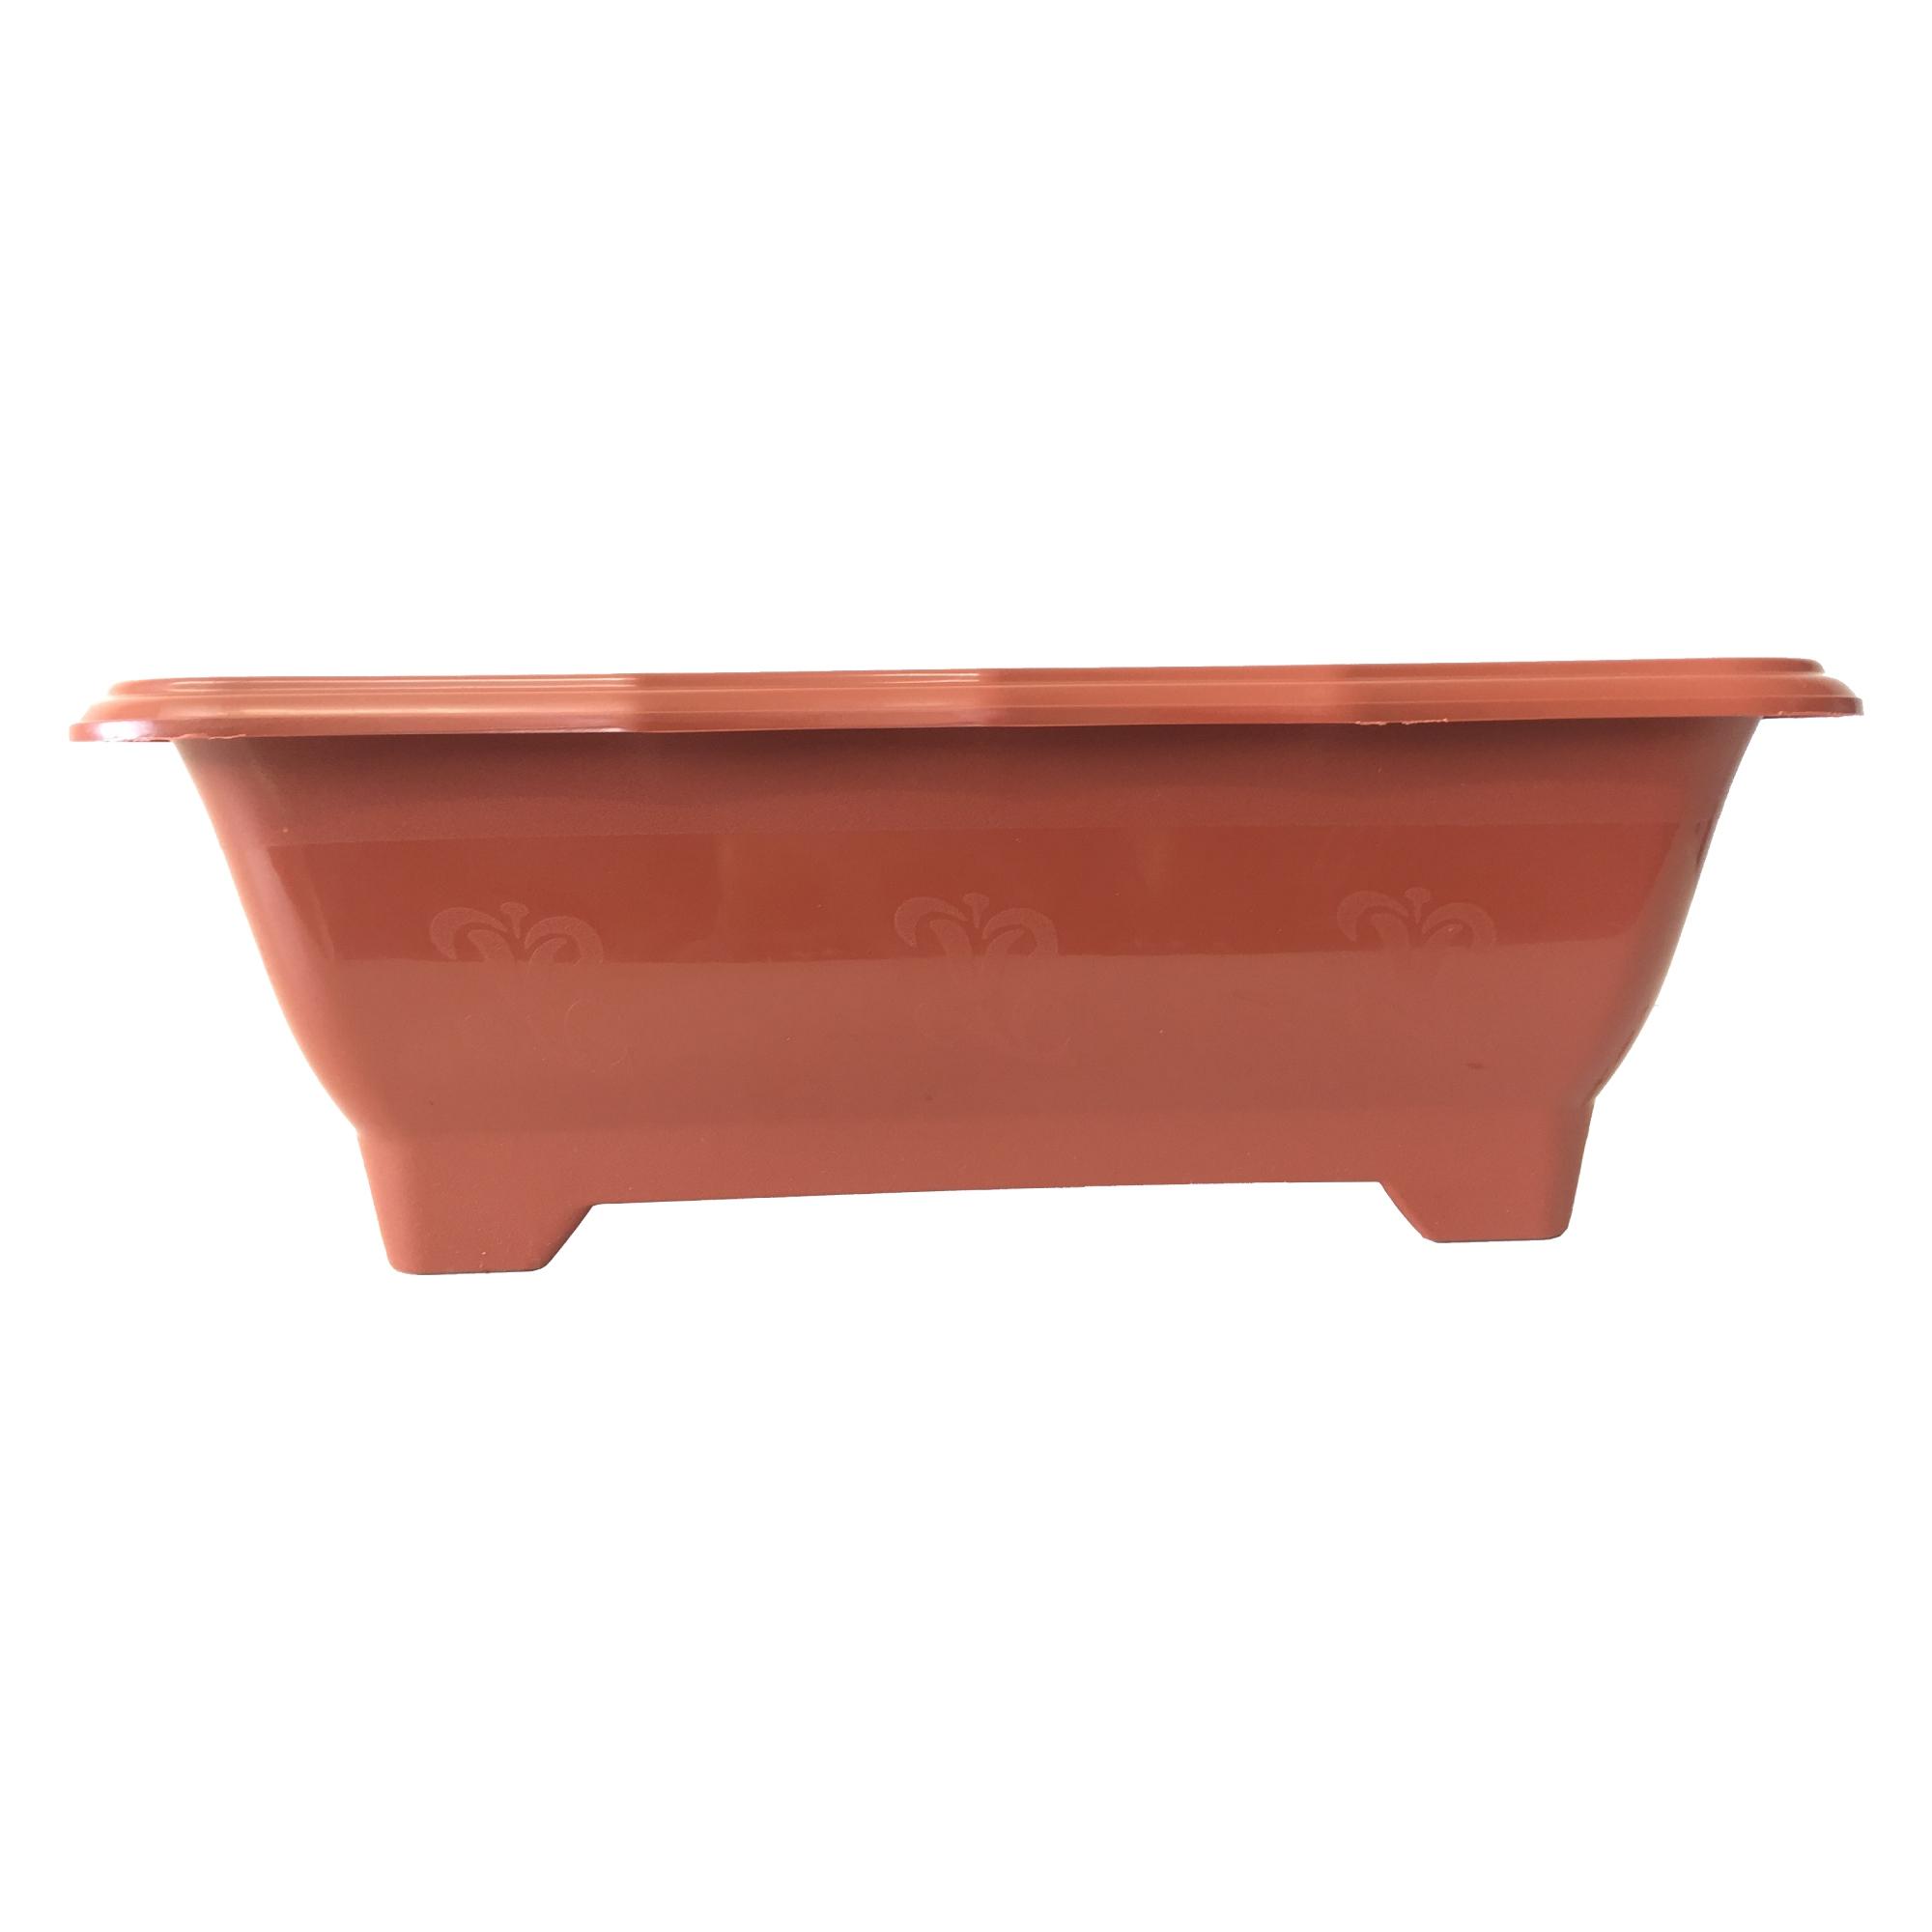 Vaso Jardineira Floreira Arqplast Terracota Média 37,5x17,5x14cm - 25300